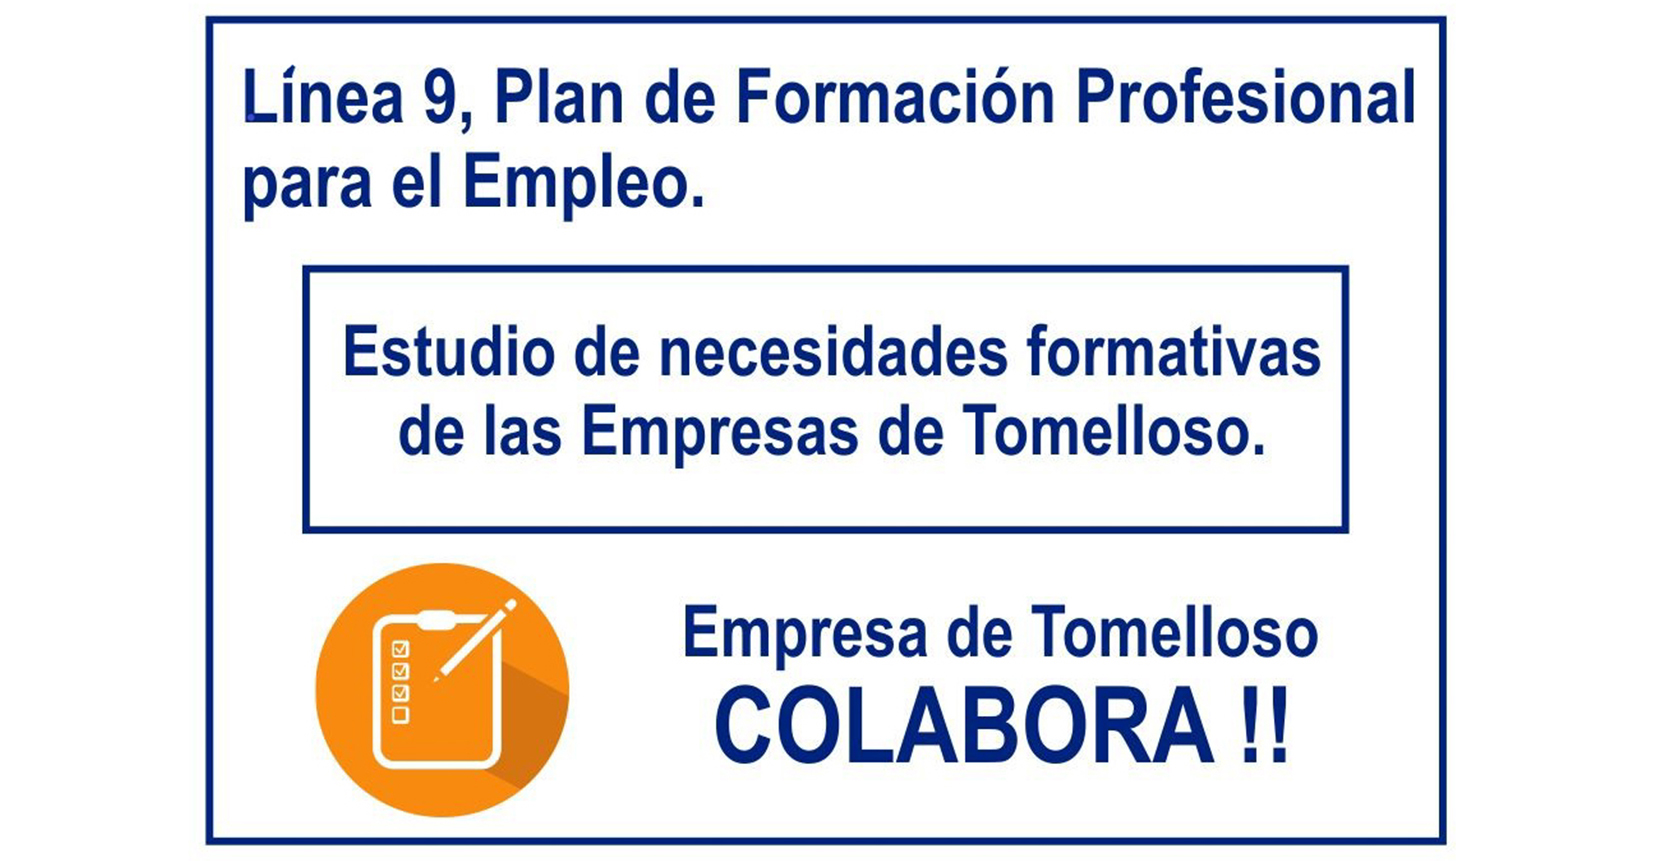 El Ayuntamiento de Tomelloso pone en marcha un estudio de necesidades formativas para el empleo